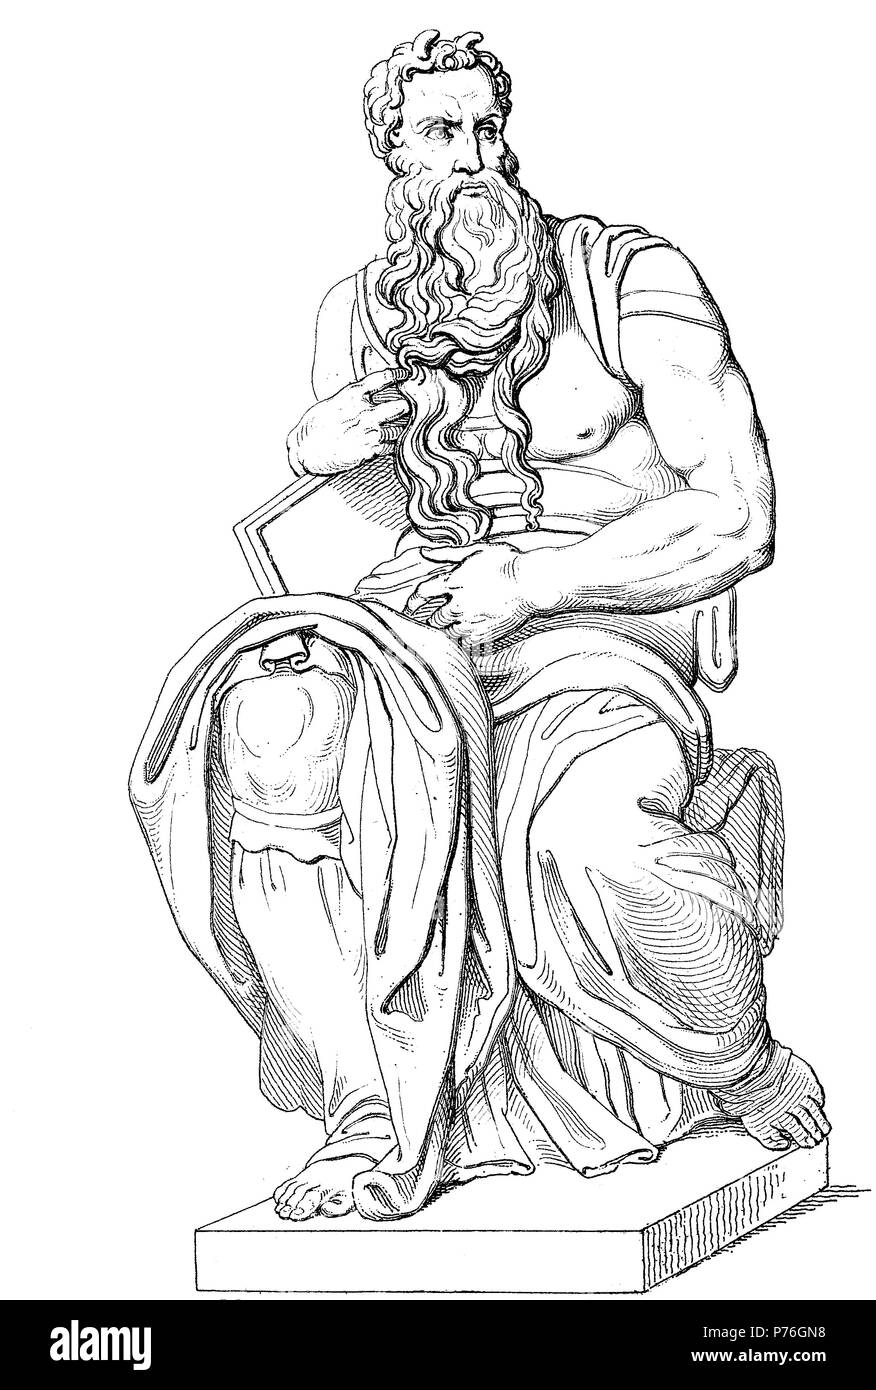 Moses war ein Prophet in der abrahamitischen Religionen, digital verbesserte Reproduktion einer Vorlage drucken aus dem Jahr 1881 Stockbild